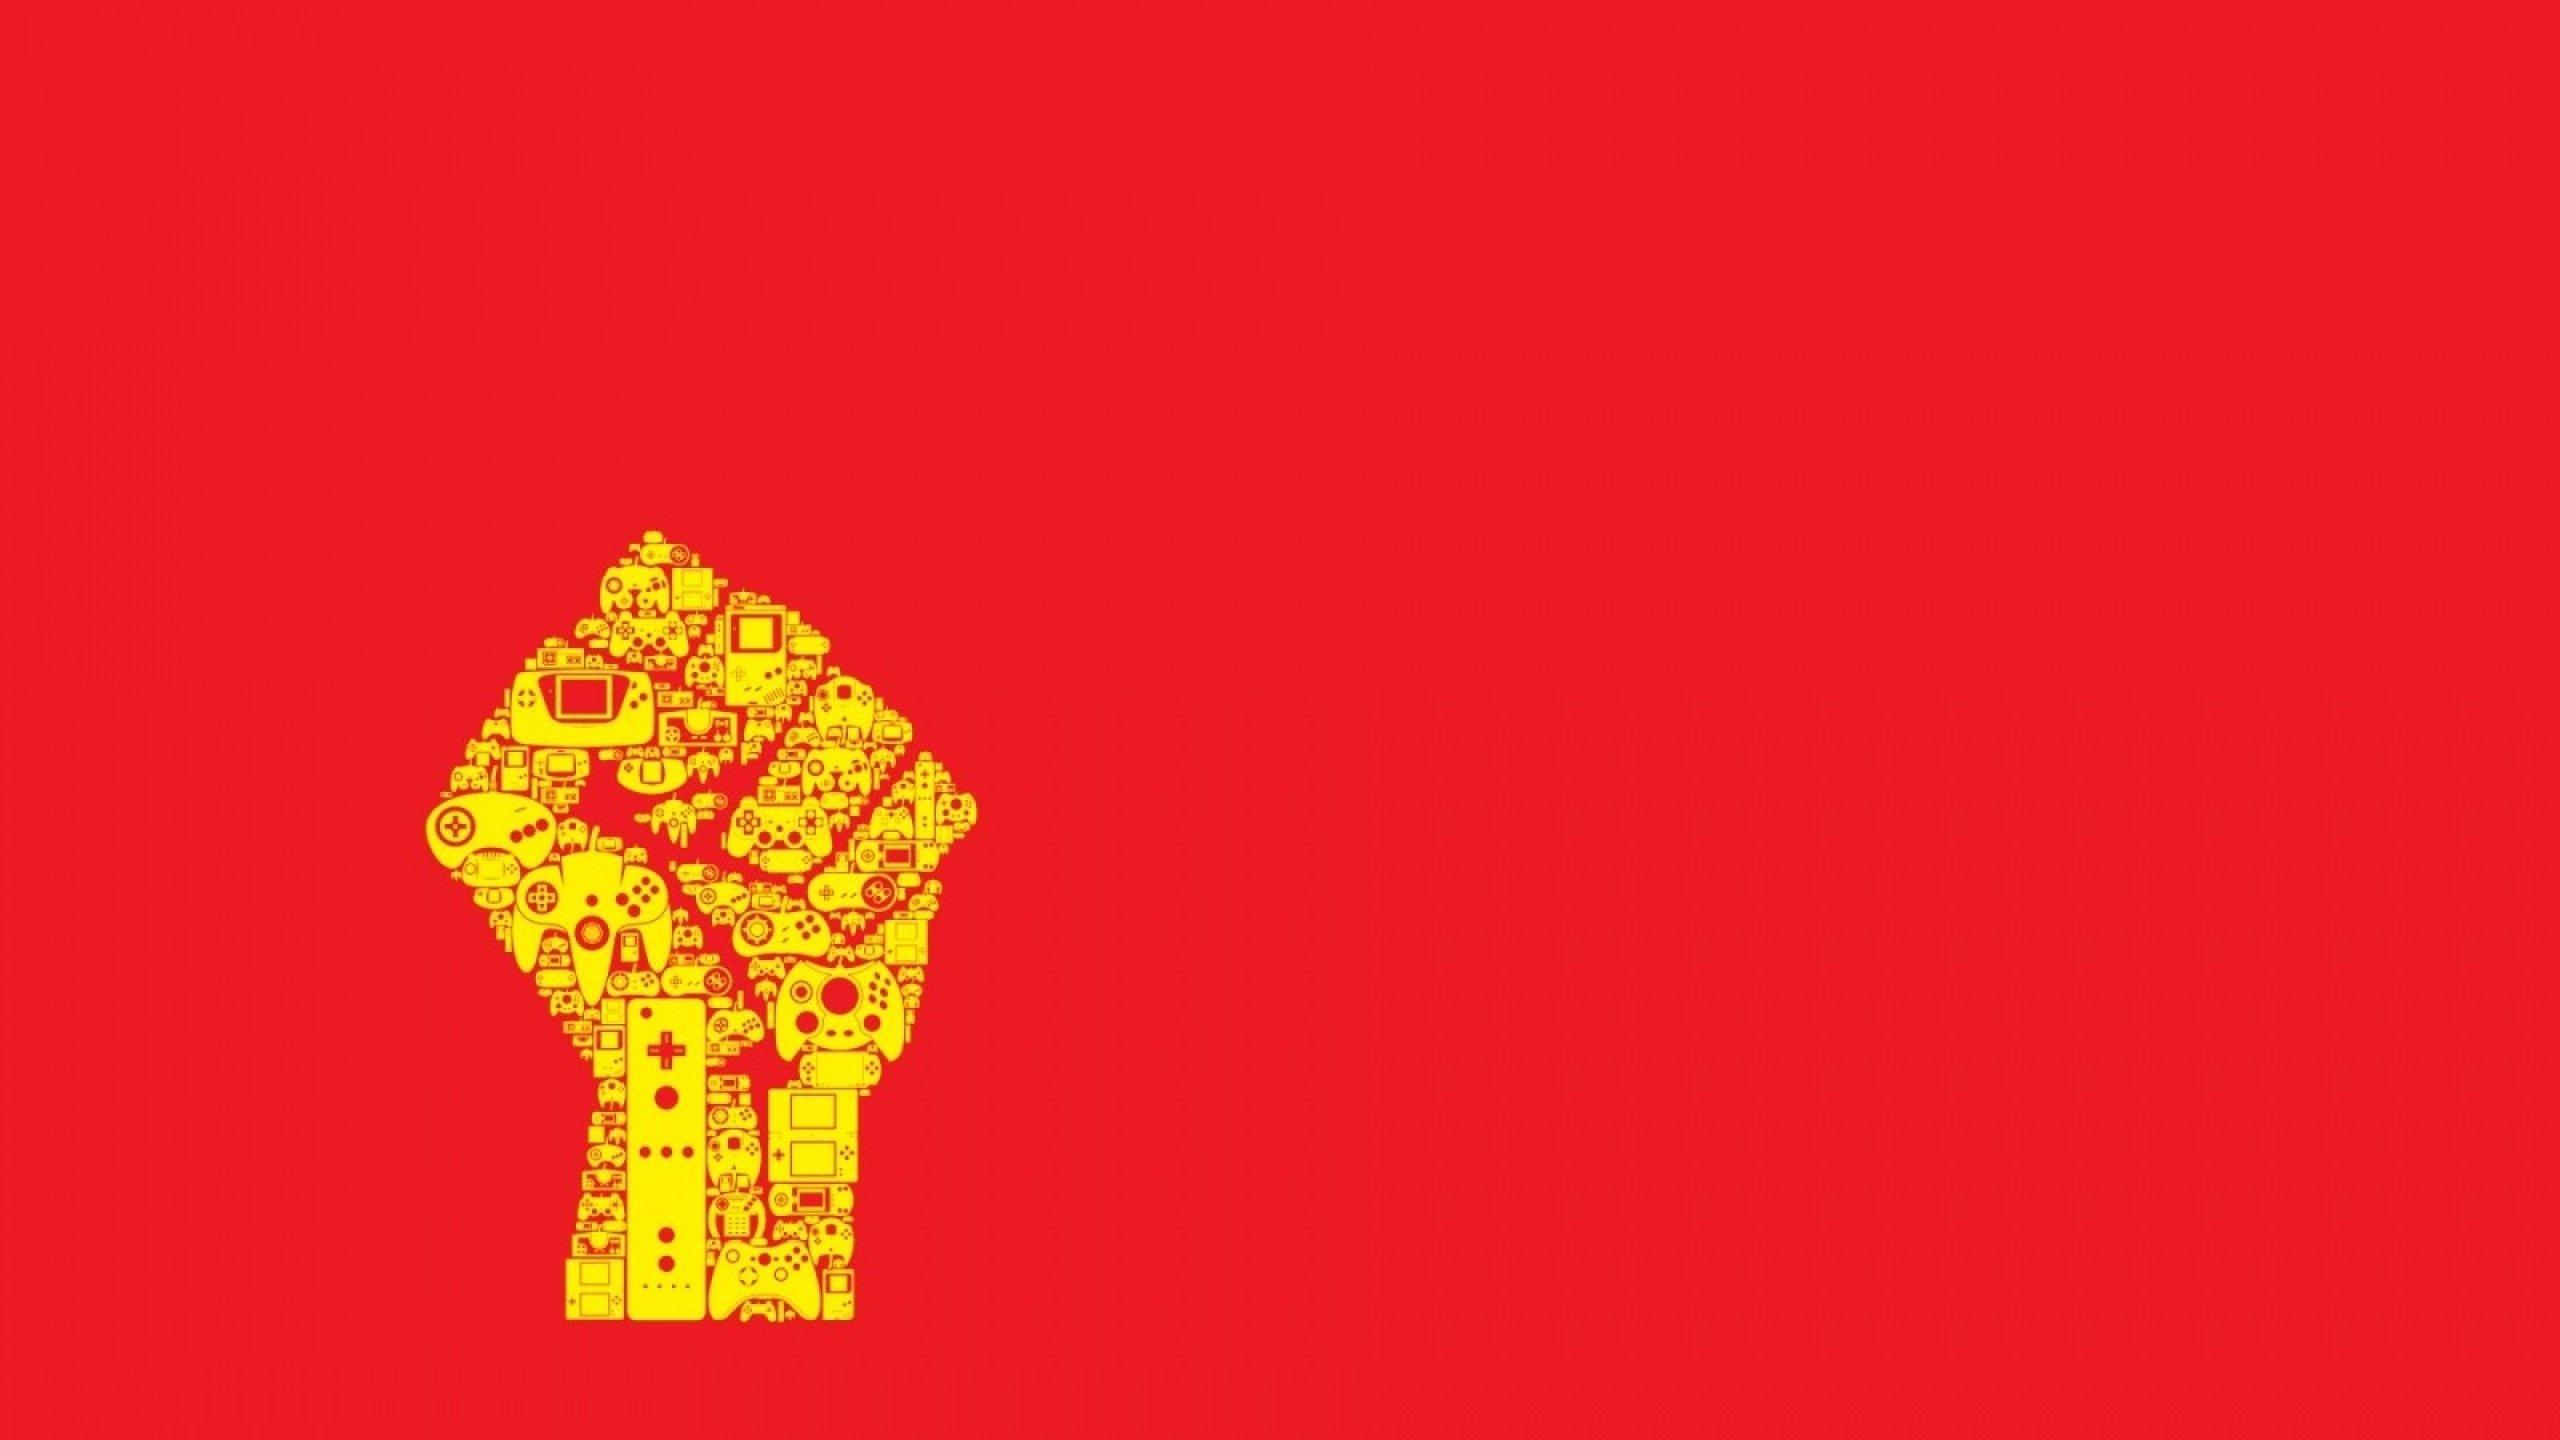 wings socialism simple background 1600x900 wallpaper Art HD Wallpaper 2560x1440